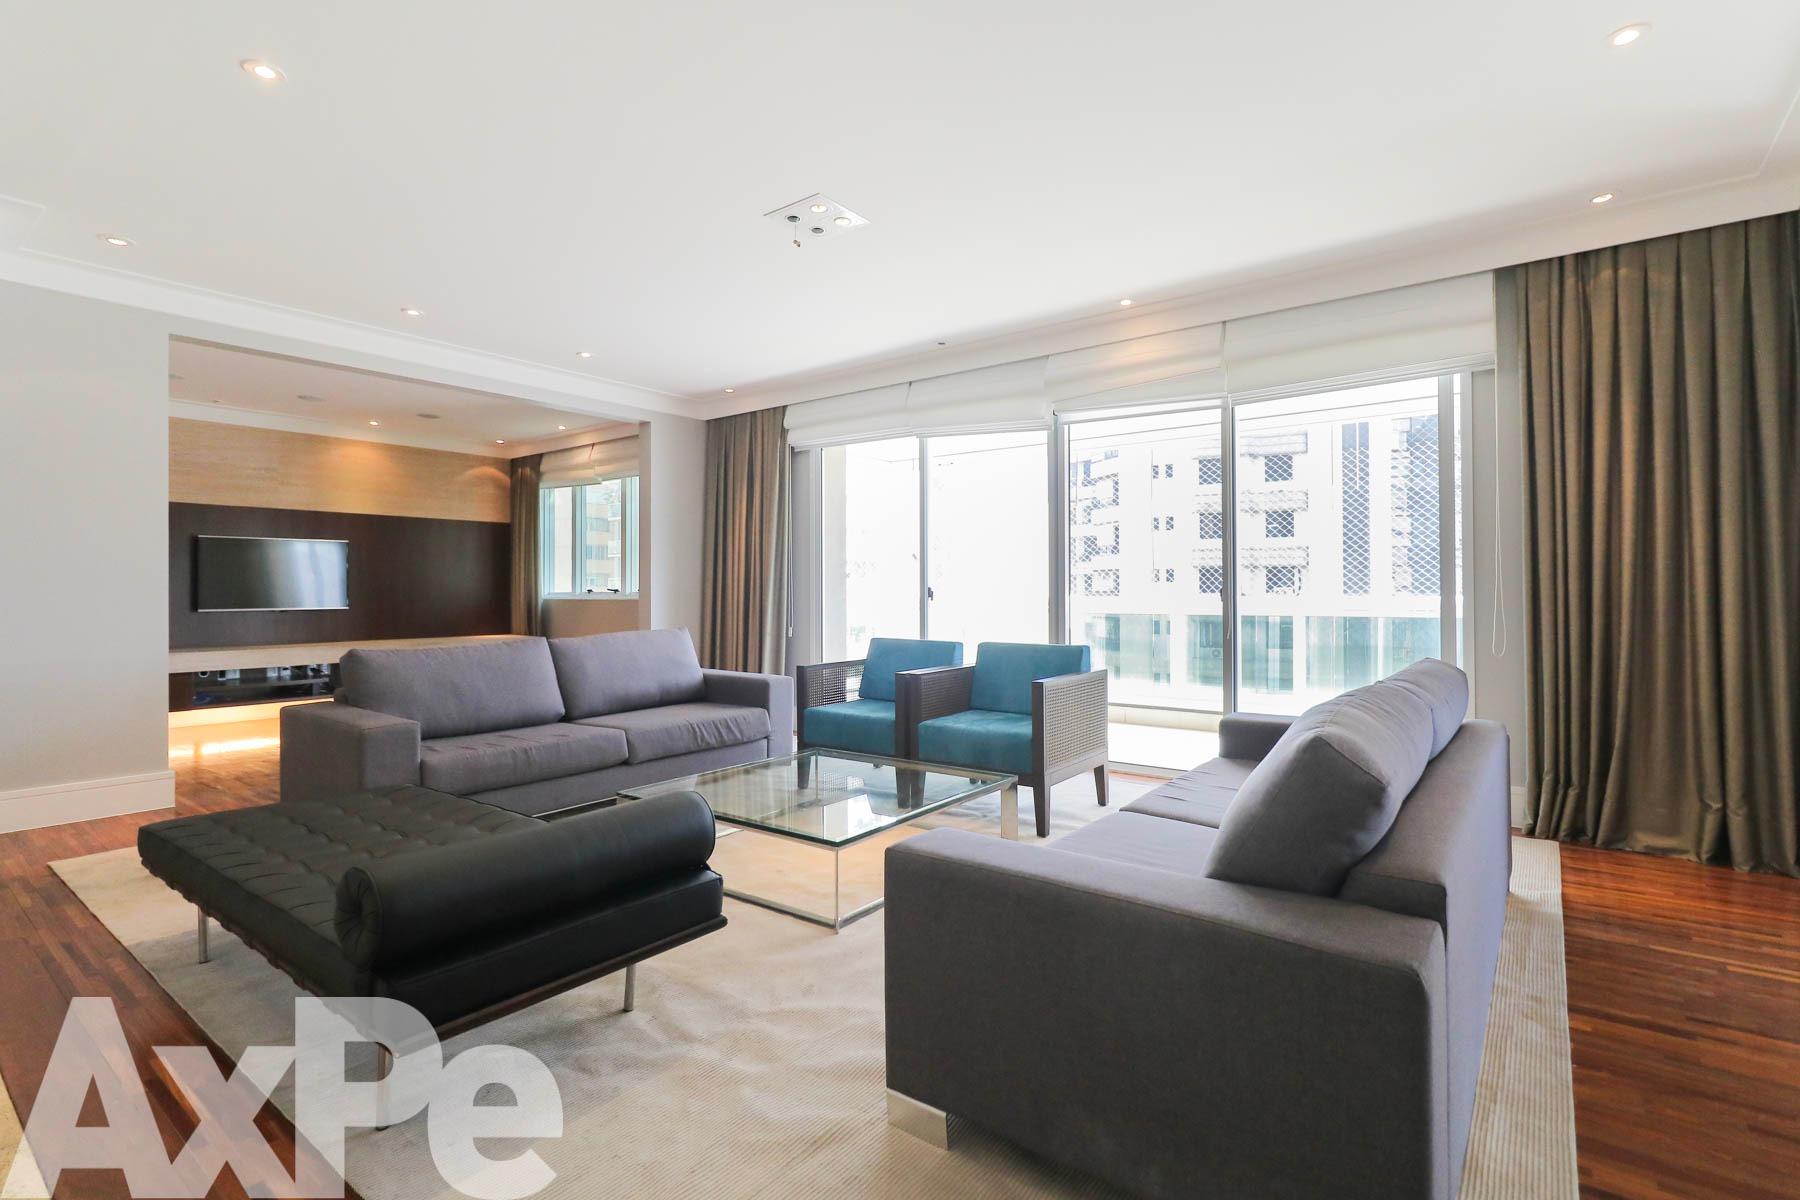 Axpe Apartamento - AX129792